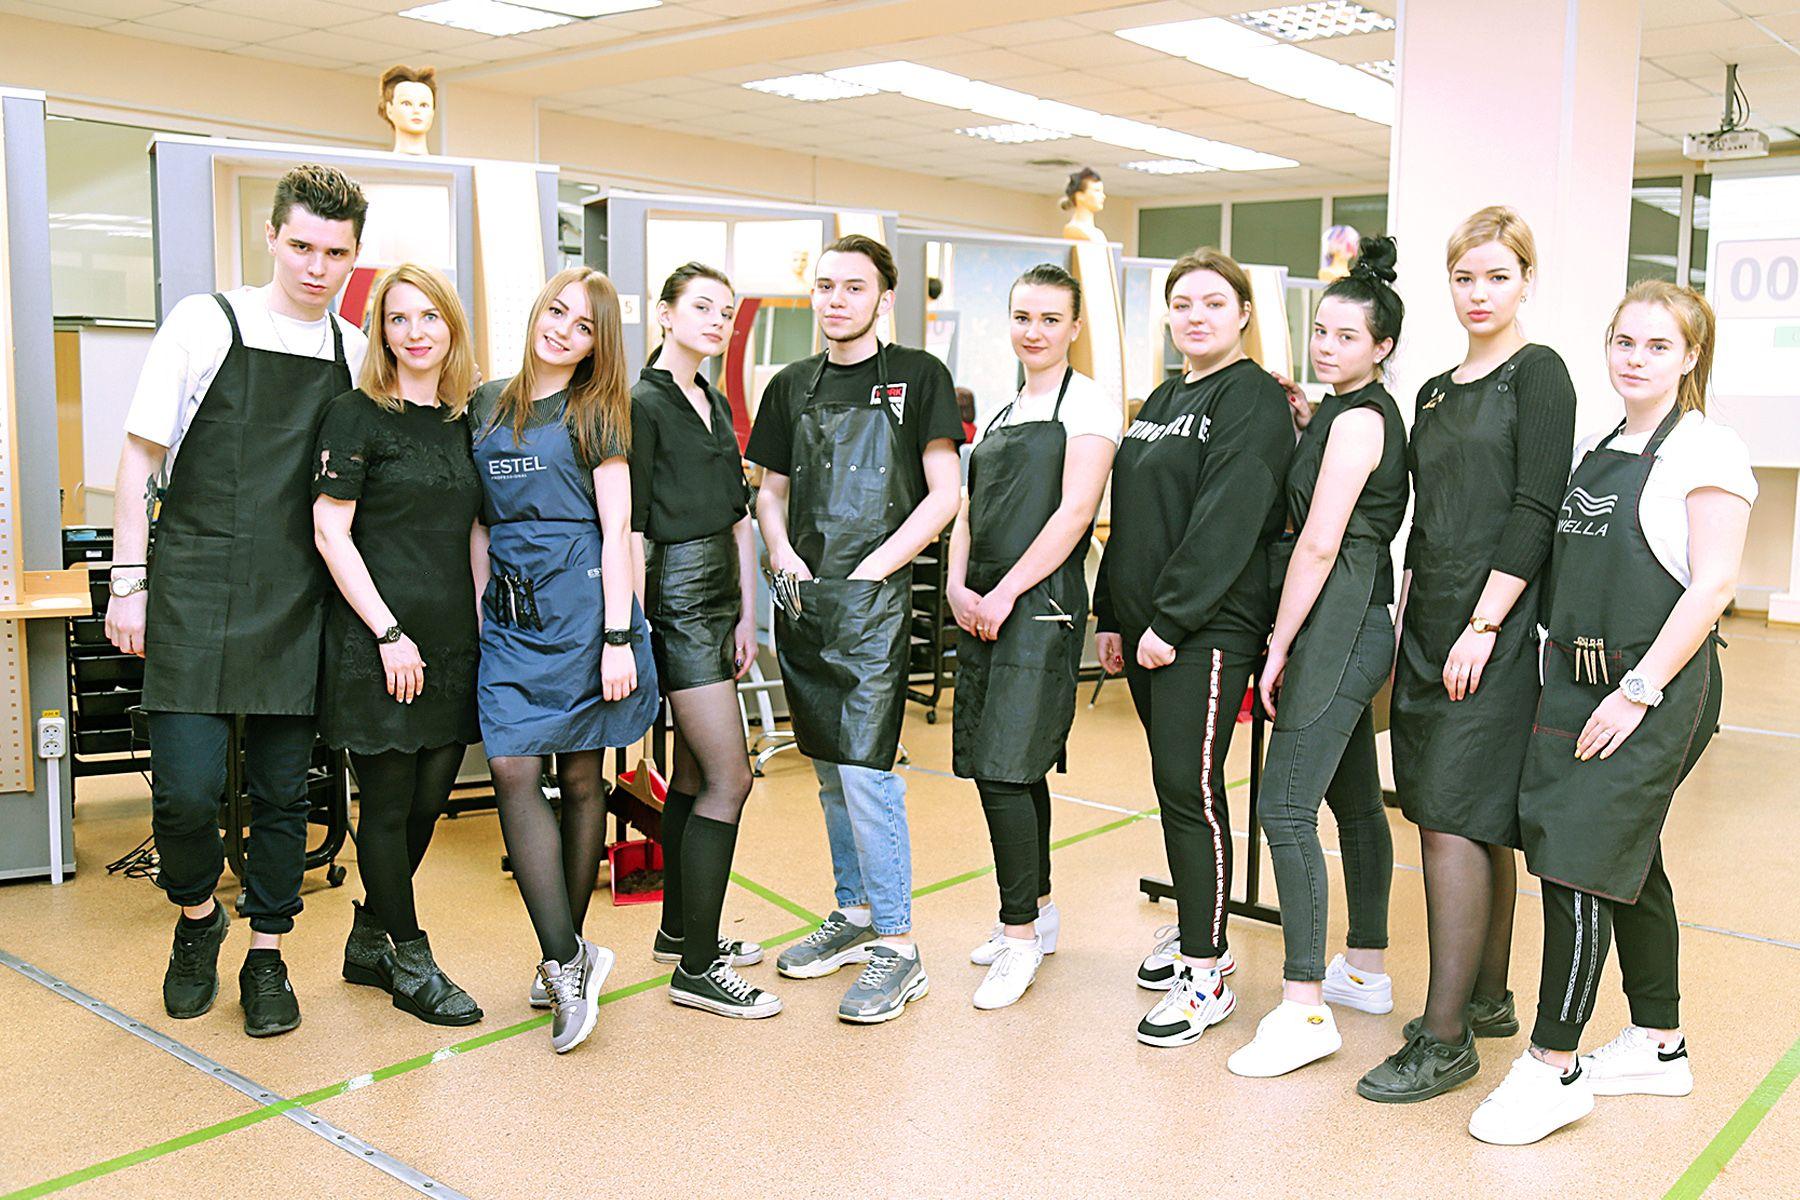 Демоэкзамен завершён. Студенты Колледжа индустрии моды и красоты ВГУЭС подтвердили свою квалификацию